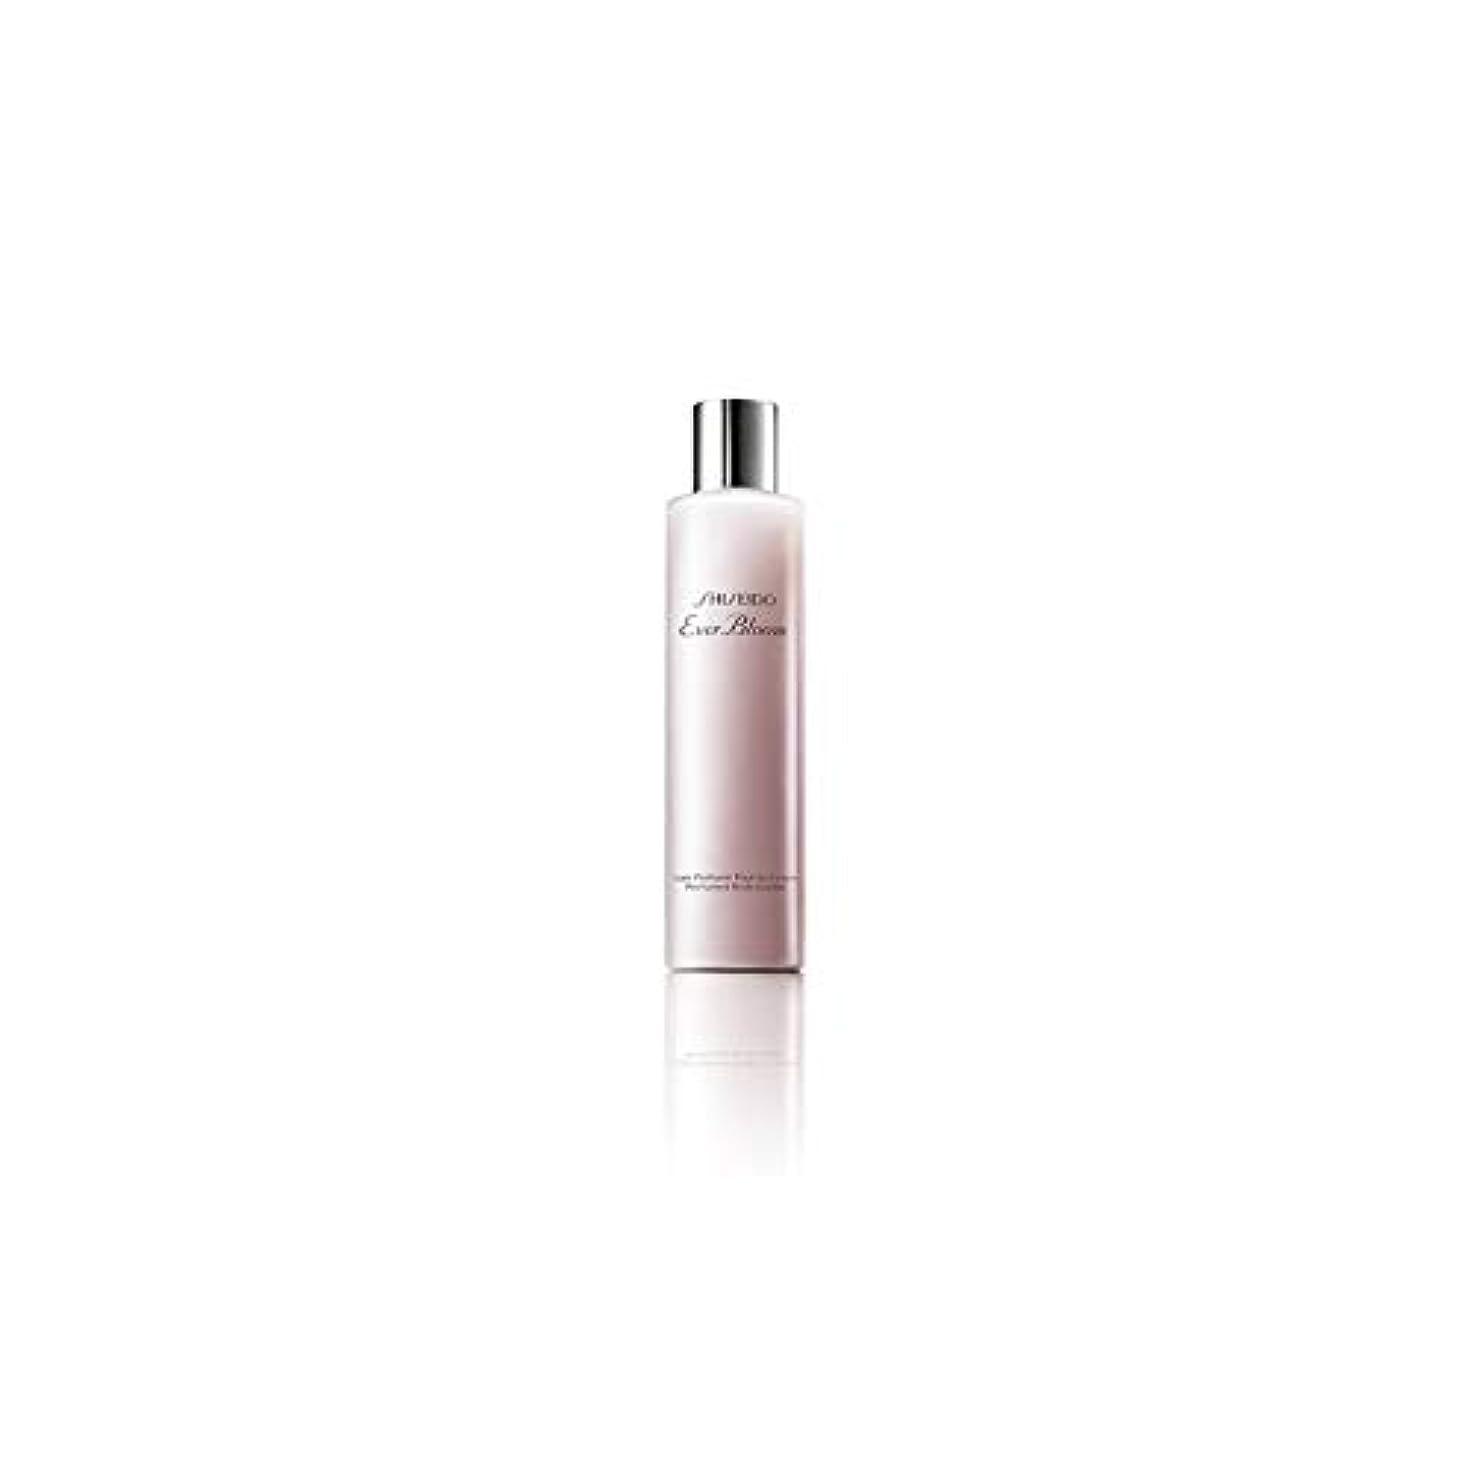 常に一般的な洗練された[Shiseido] 資生堂これまでブルームボディローション(30ミリリットル) - Shiseido Ever Bloom Body Lotion (30ml) [並行輸入品]